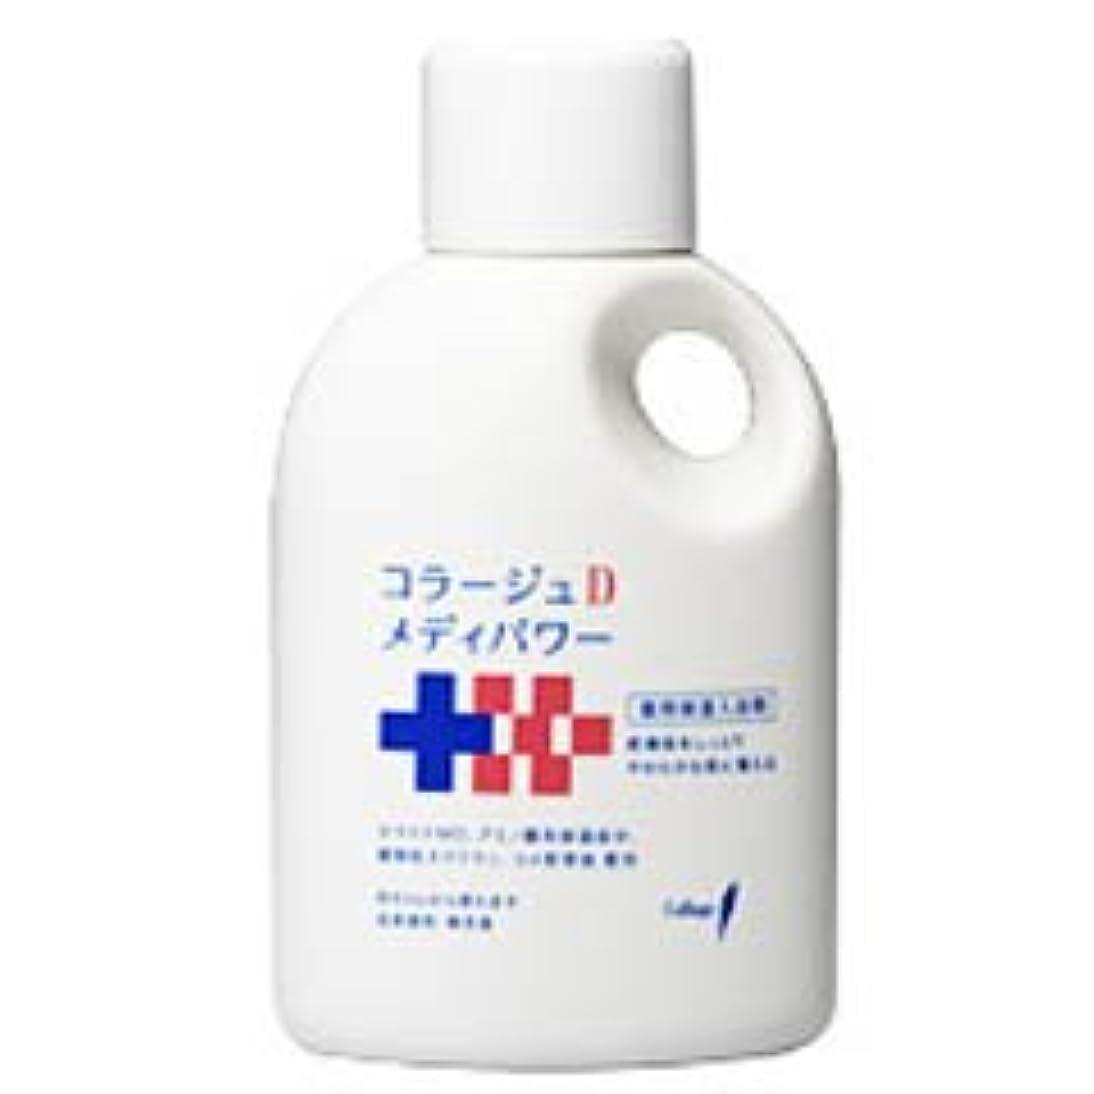 スイ手錠追い越す【持田ヘルスケア】コラージュD メディパワー 保湿入浴液 500ml